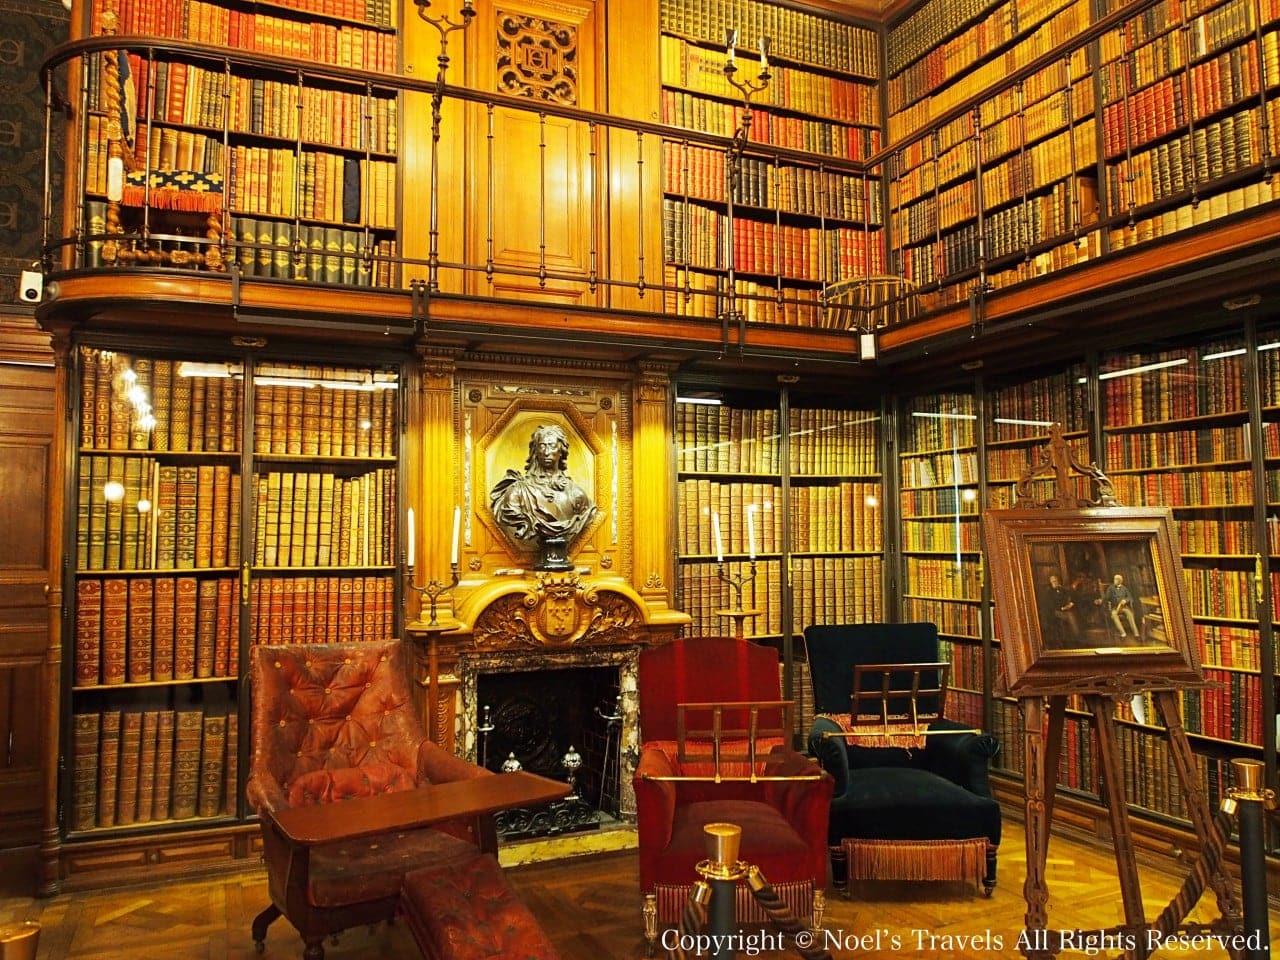 シャンティイ城の図書室